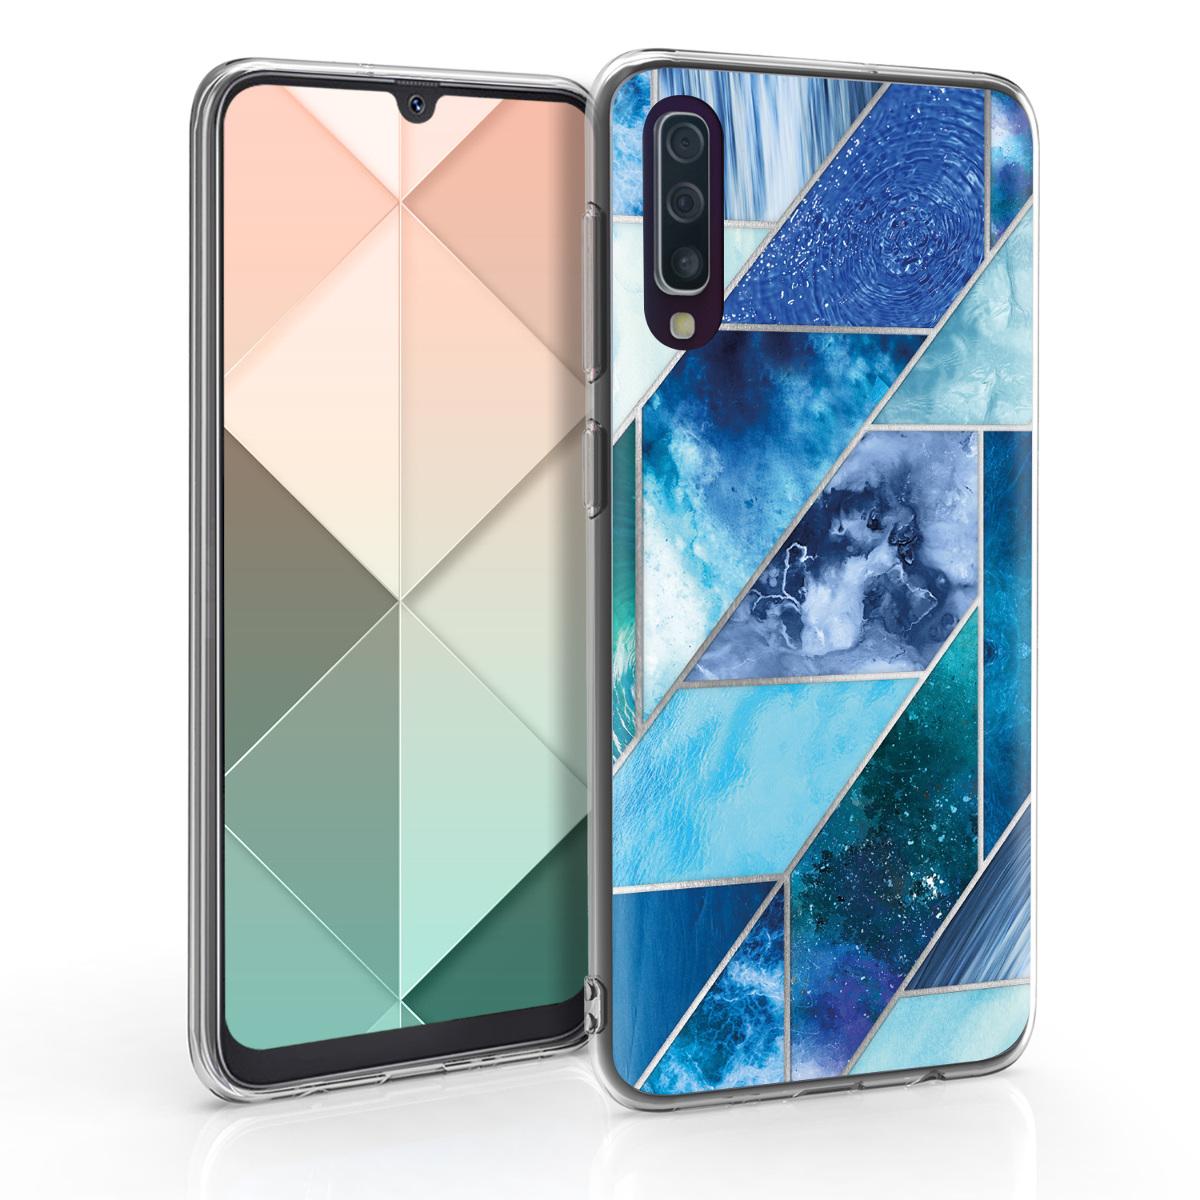 Kvalitní silikonové TPU pouzdro pro Samsung A50 - Geometrické vzory modré / tyrkysové / stříbrné